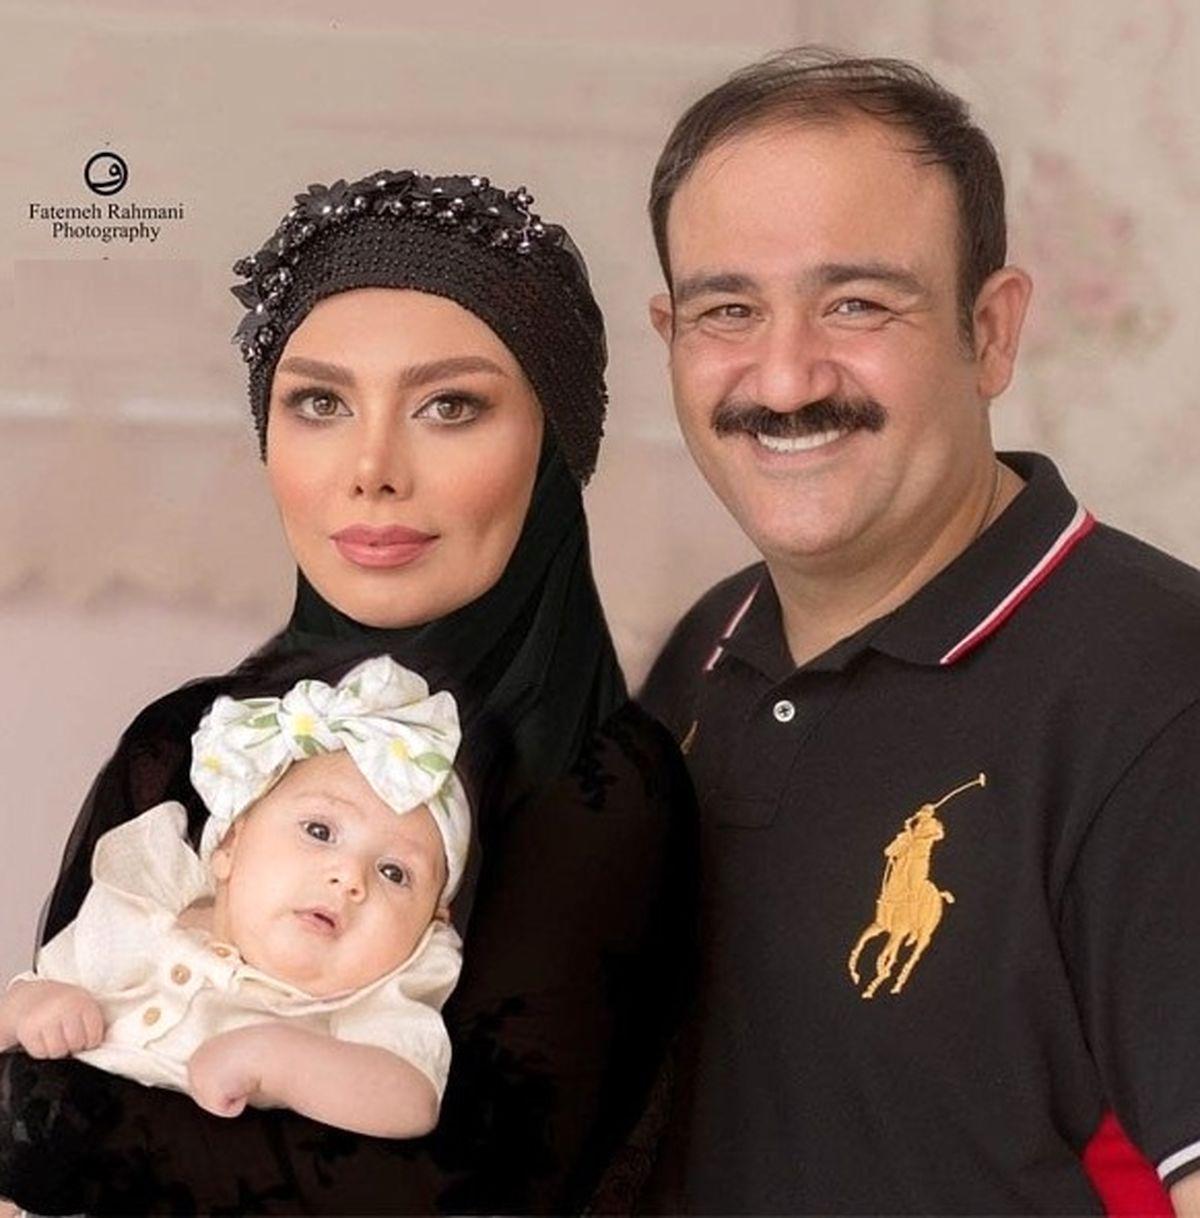 مهران غفوریان| عکسهای دیده نشده با همسرش در تولد لاکچری هانا غفوریان + عکس